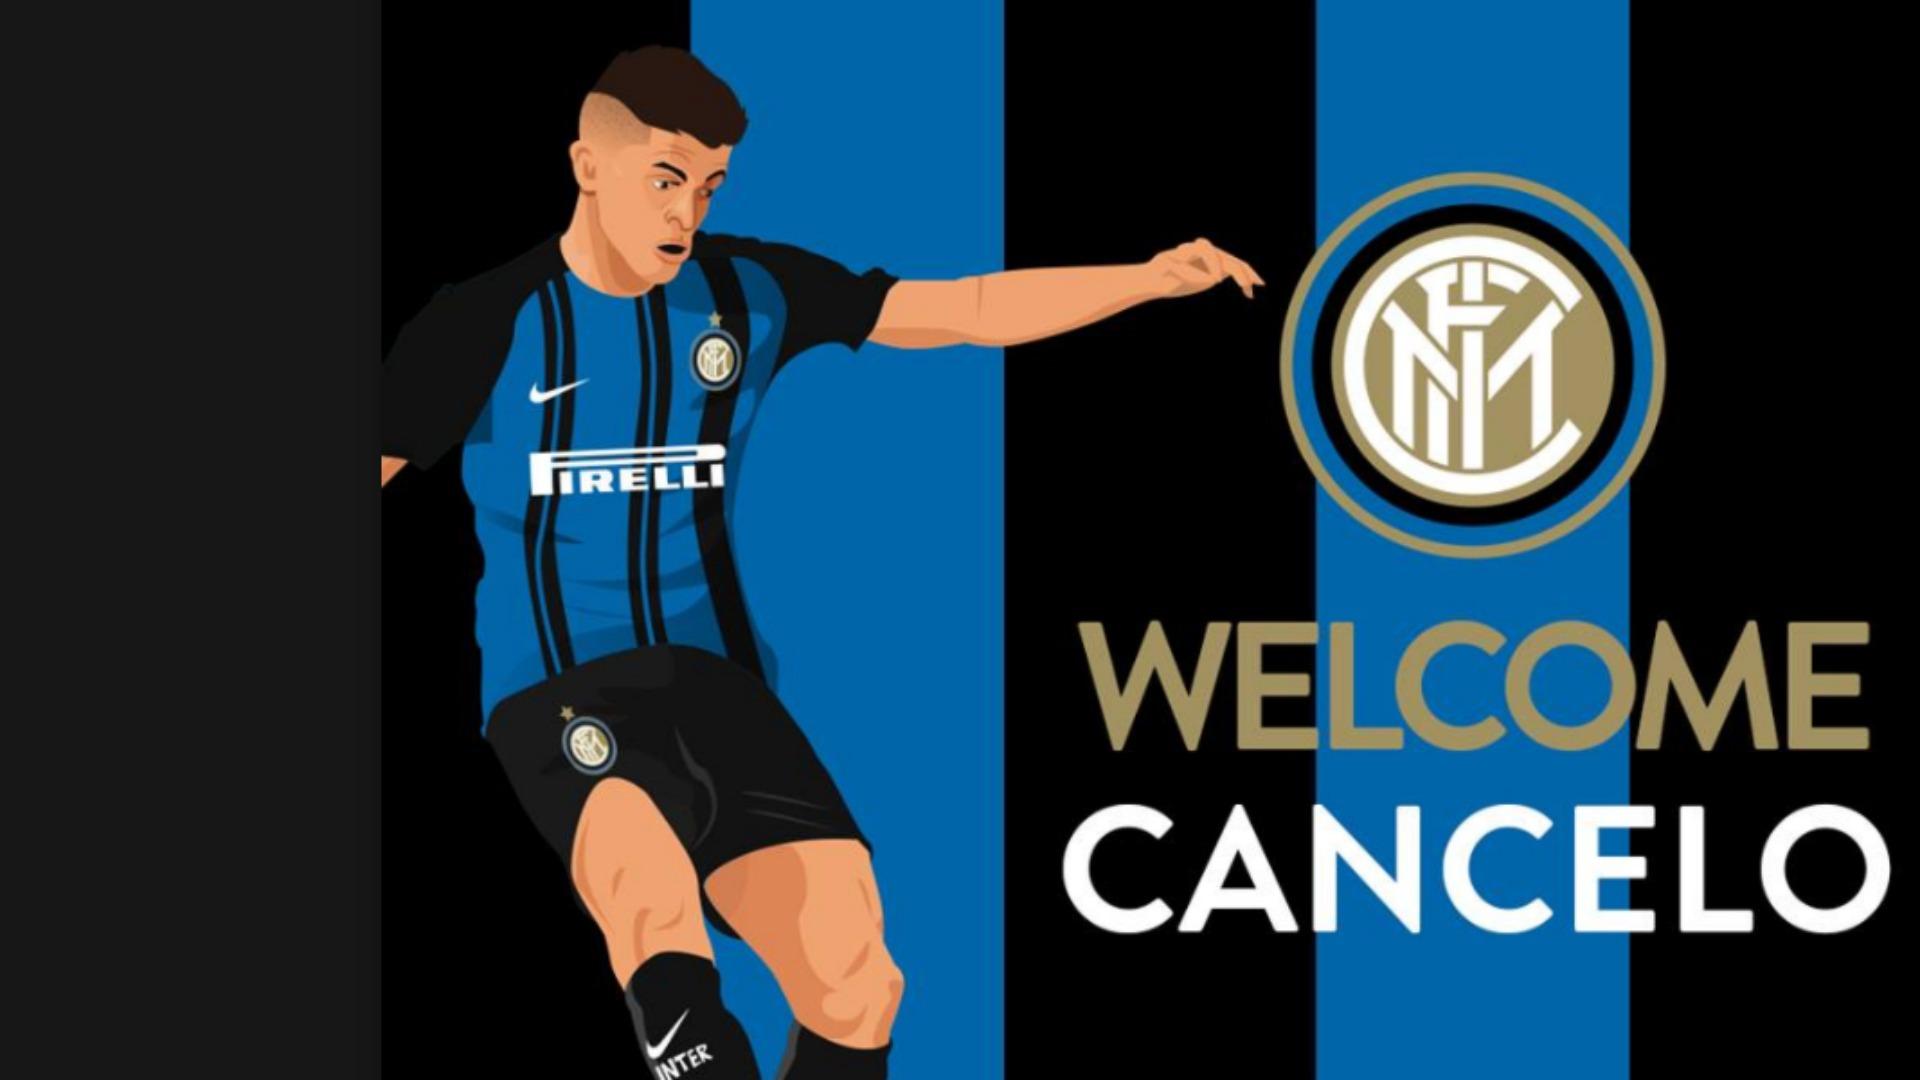 Calciomercato, triplo colpo per l' Inter: oggi Cancelo e Colidio, domani Mangala